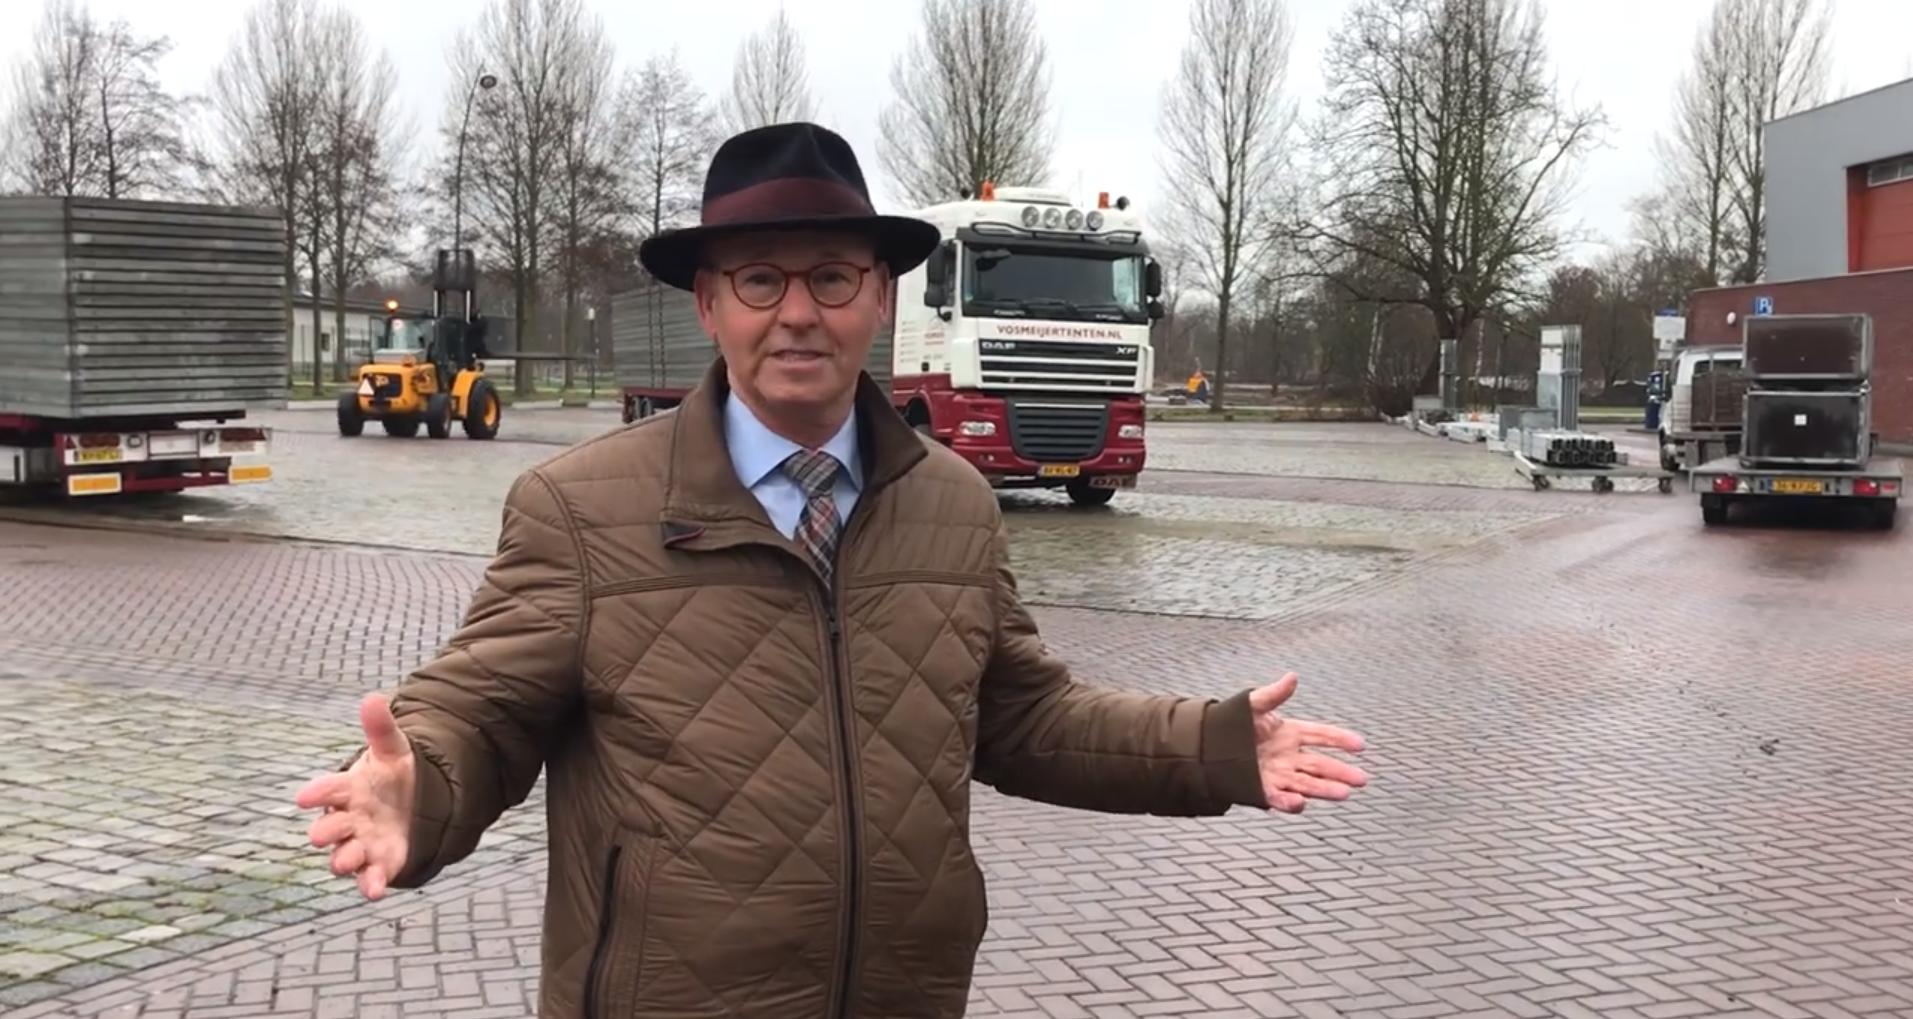 Toelichting burgemeester Koelewijn over vaccinatielocatie Burgemeester Berghuisplein